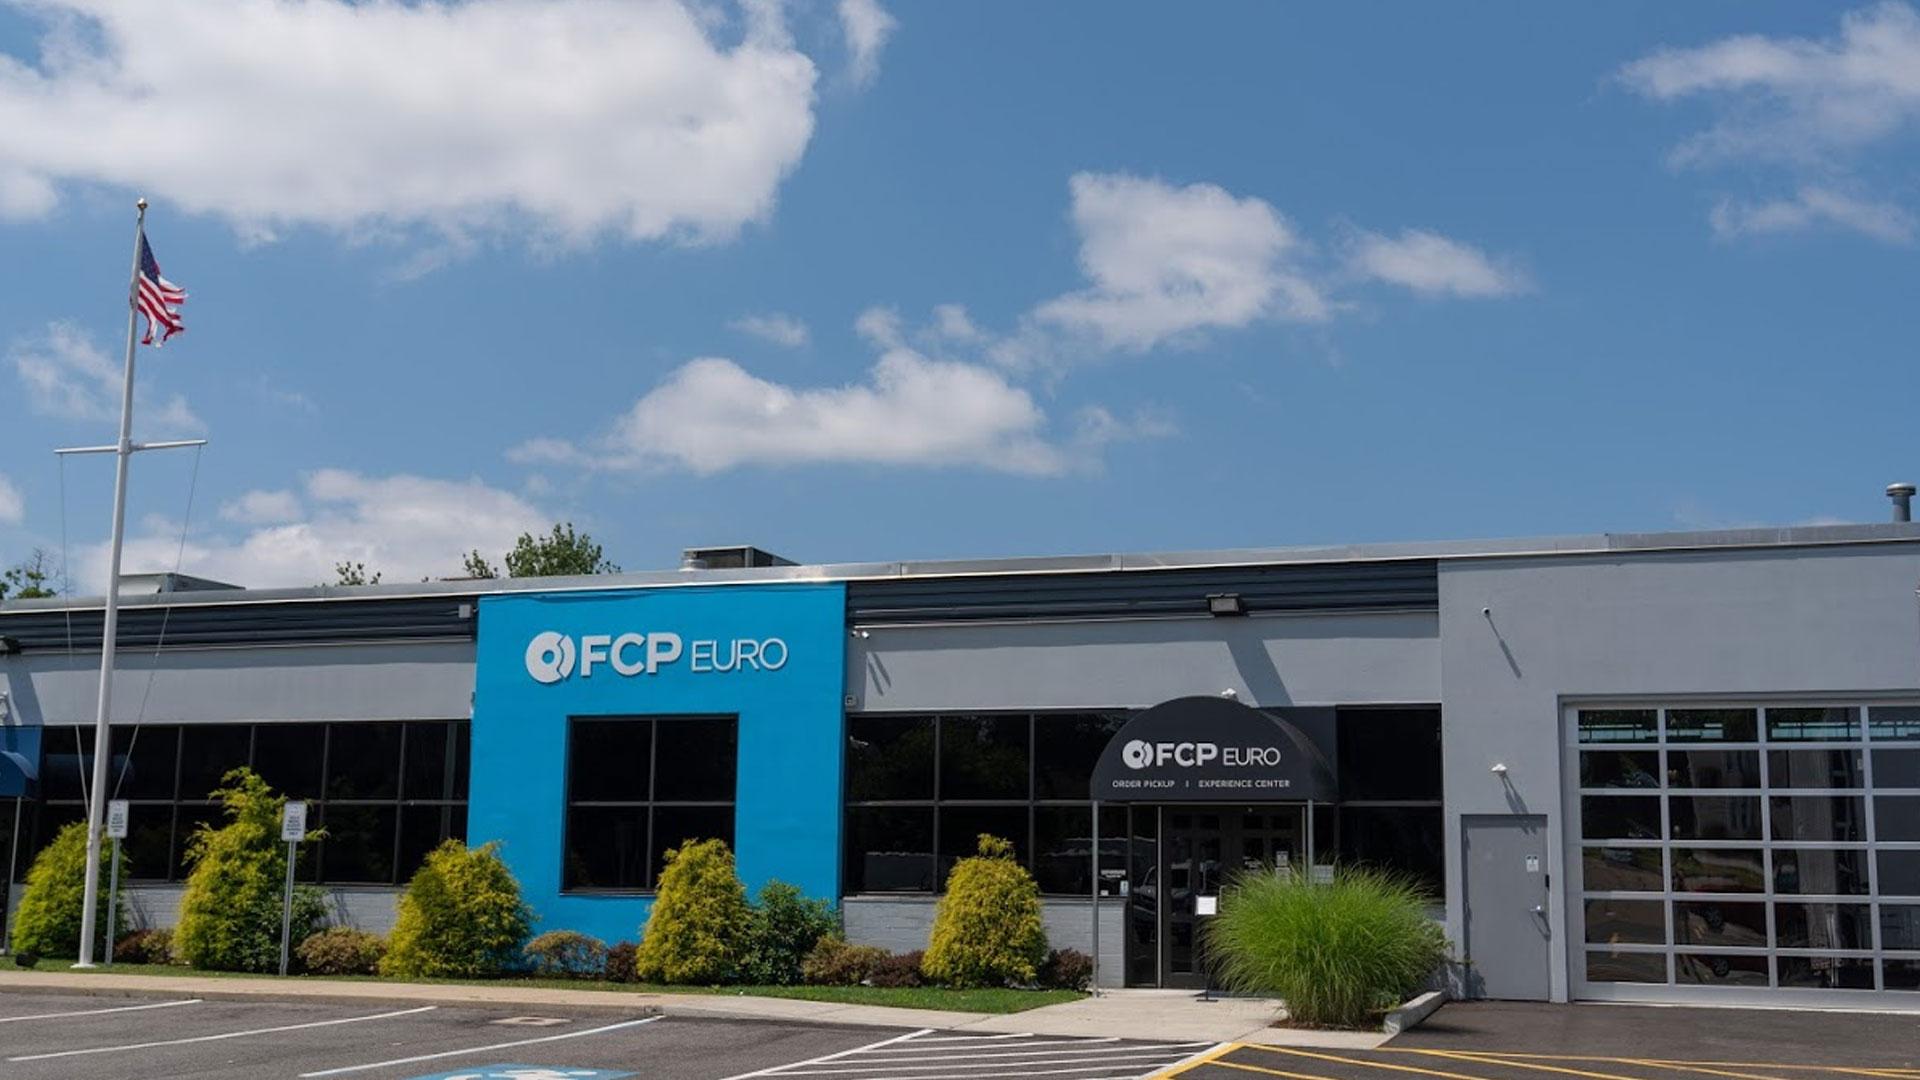 FCP Euro Closes $25 Million Debt Facility For Growth Capital